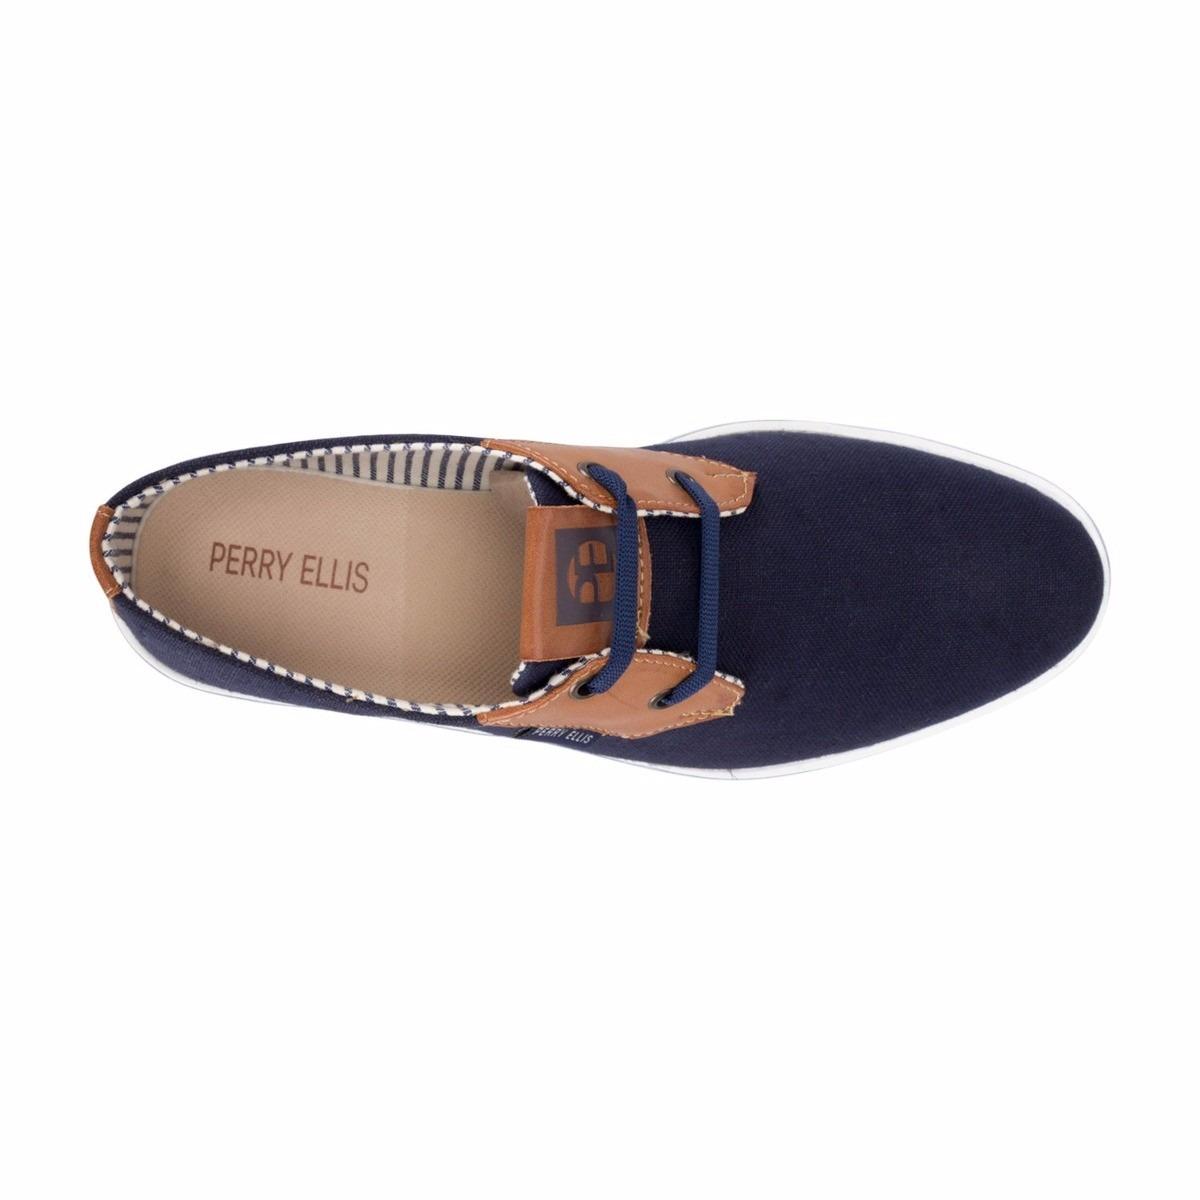 edc015b0a7a Zapato Perry Ellis 1453 Azul Cafe 2016 -   799.00 en Mercado Libre